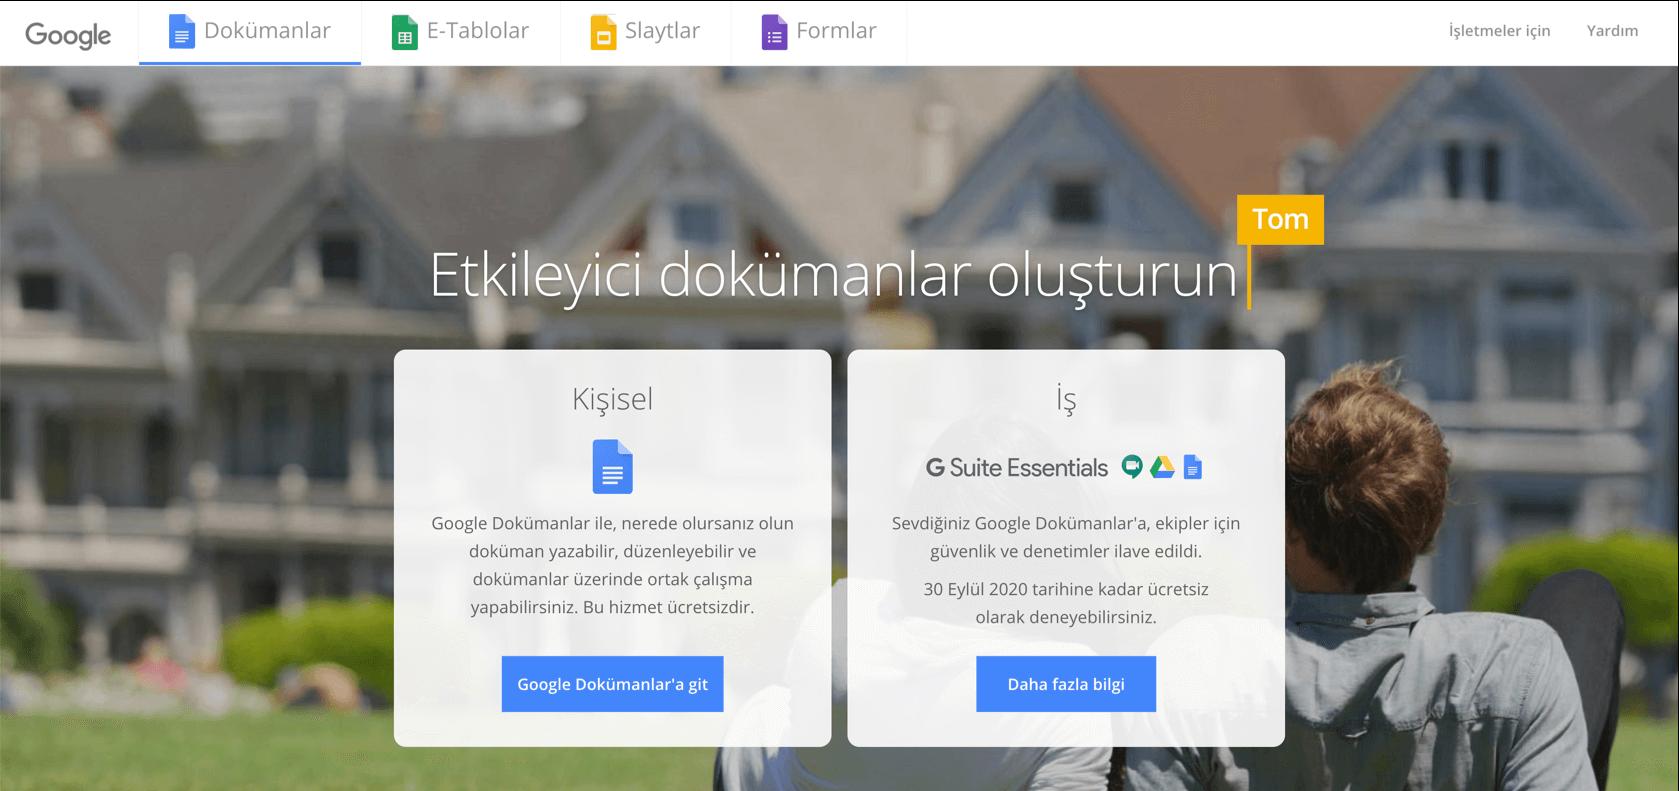 Google Dökümanlar açılış sayfasındaki eyleme çağrılar